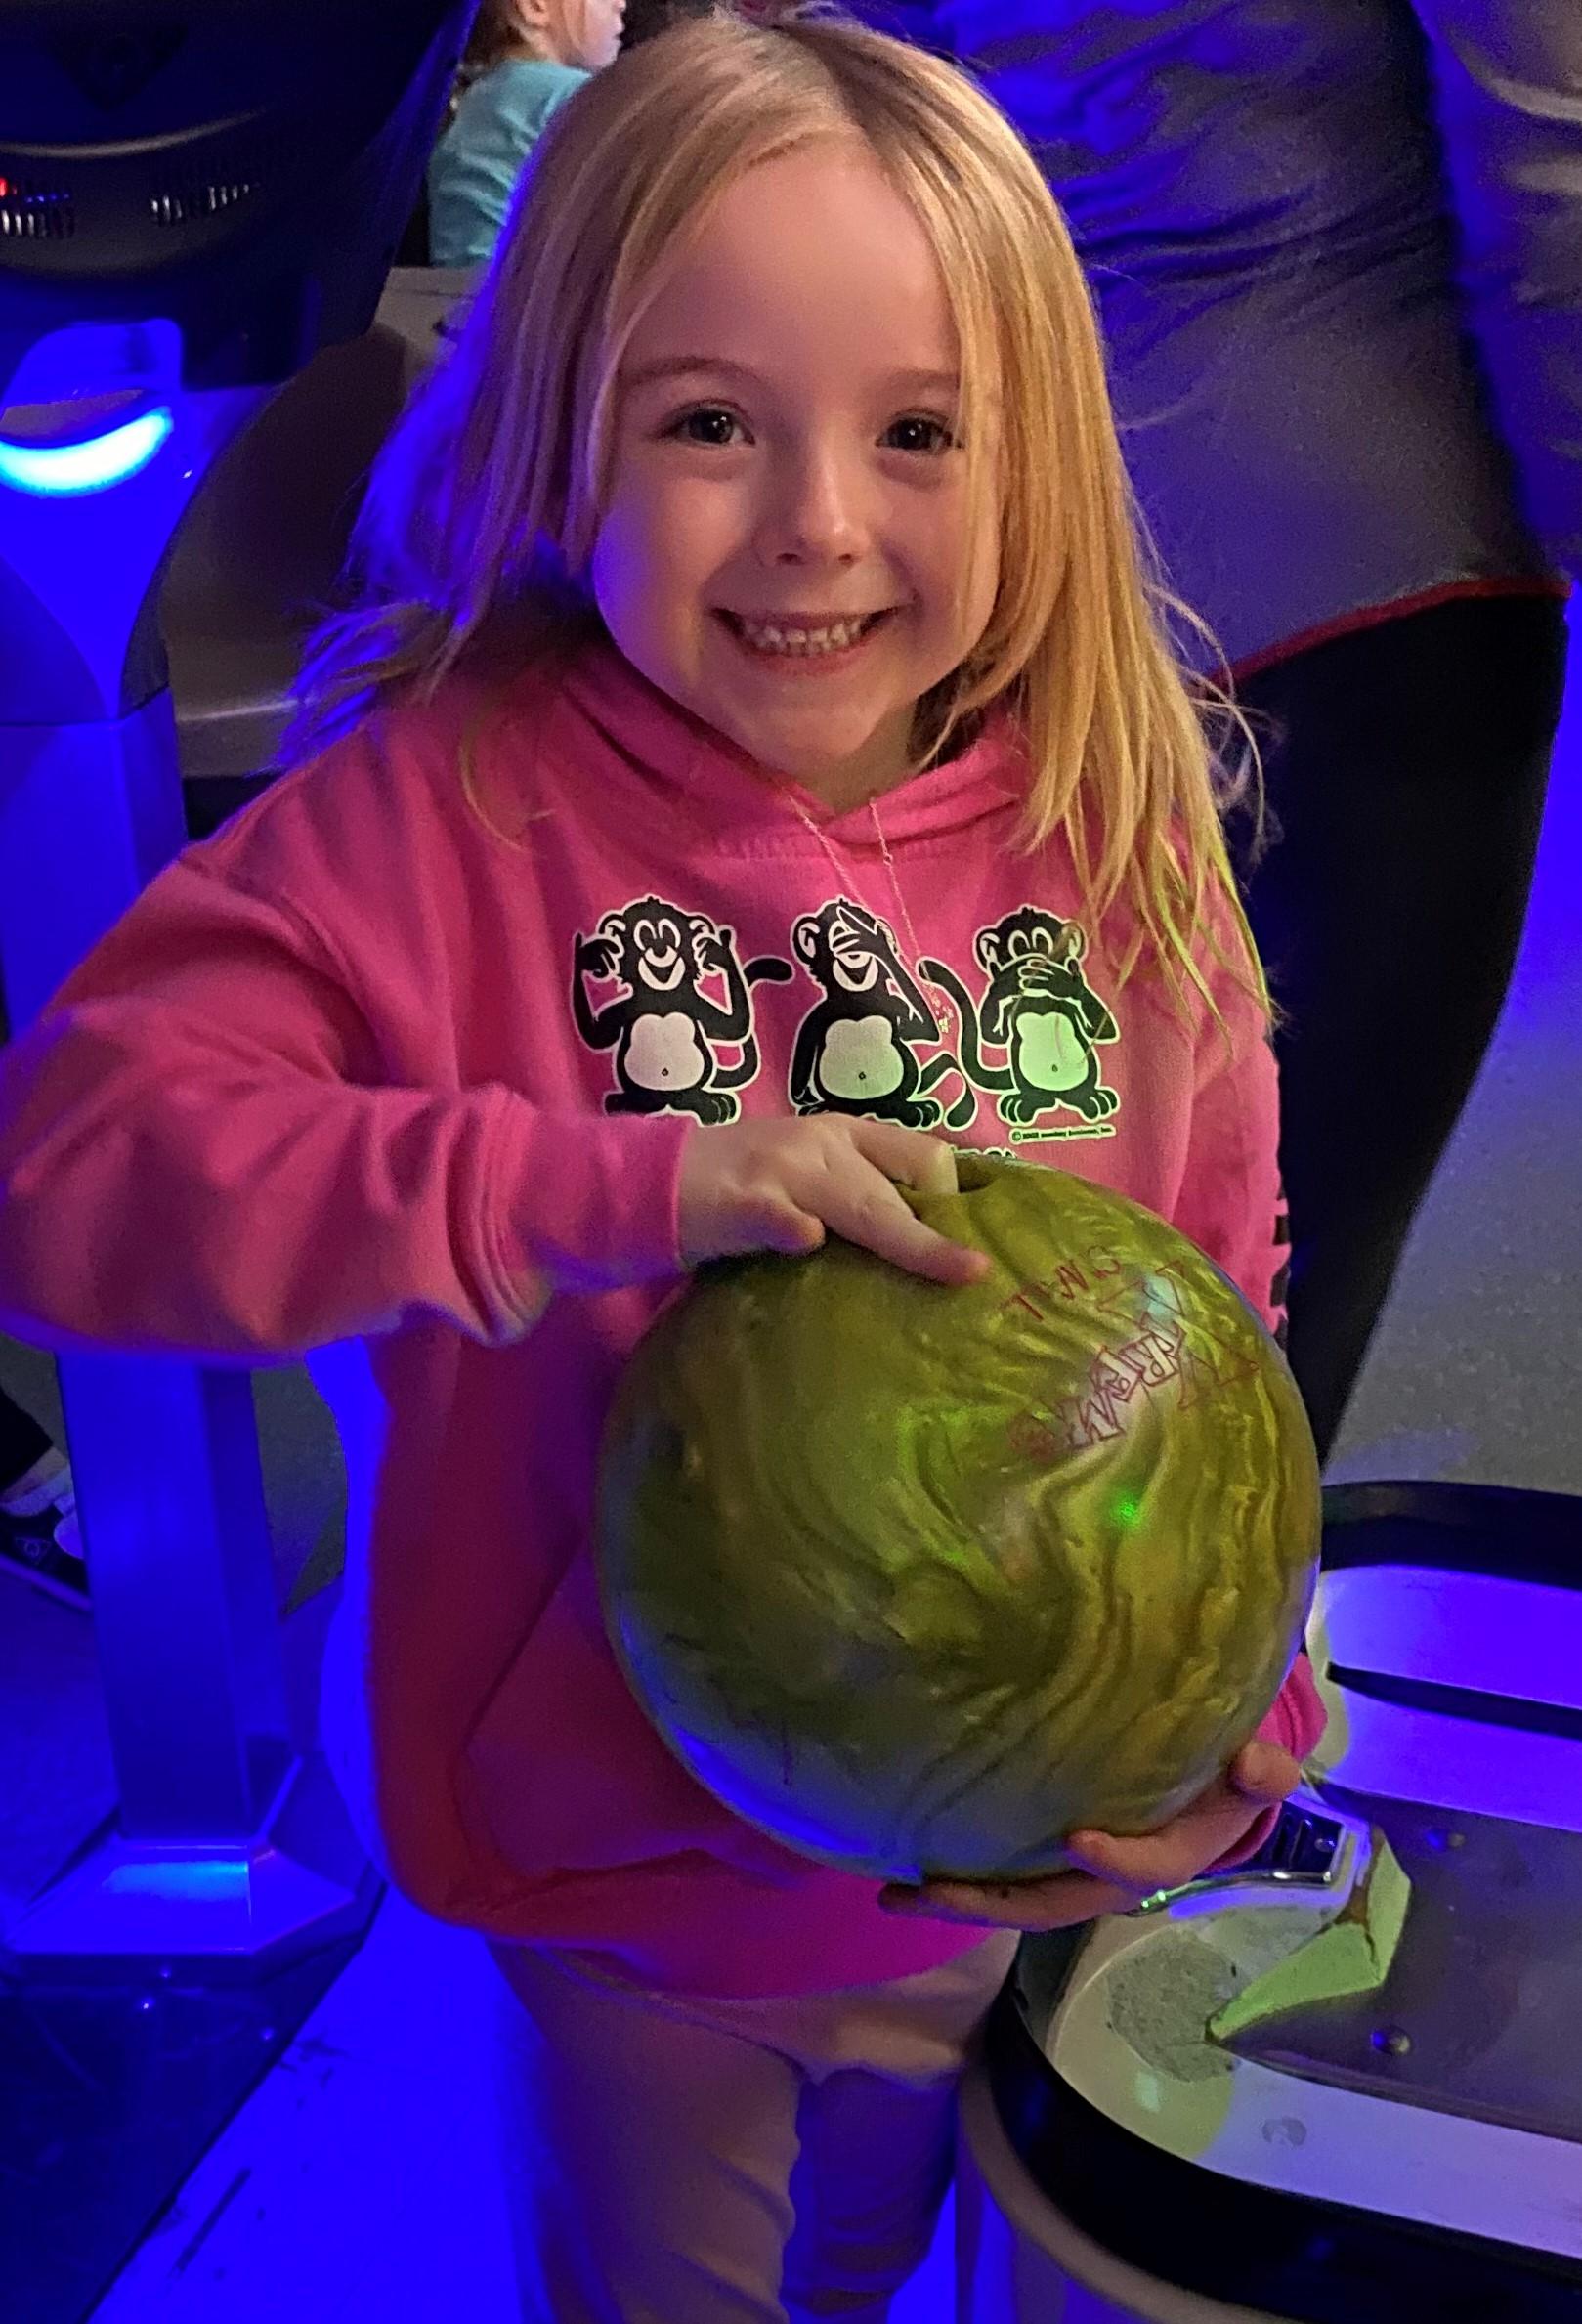 Hattie bowling.jpg